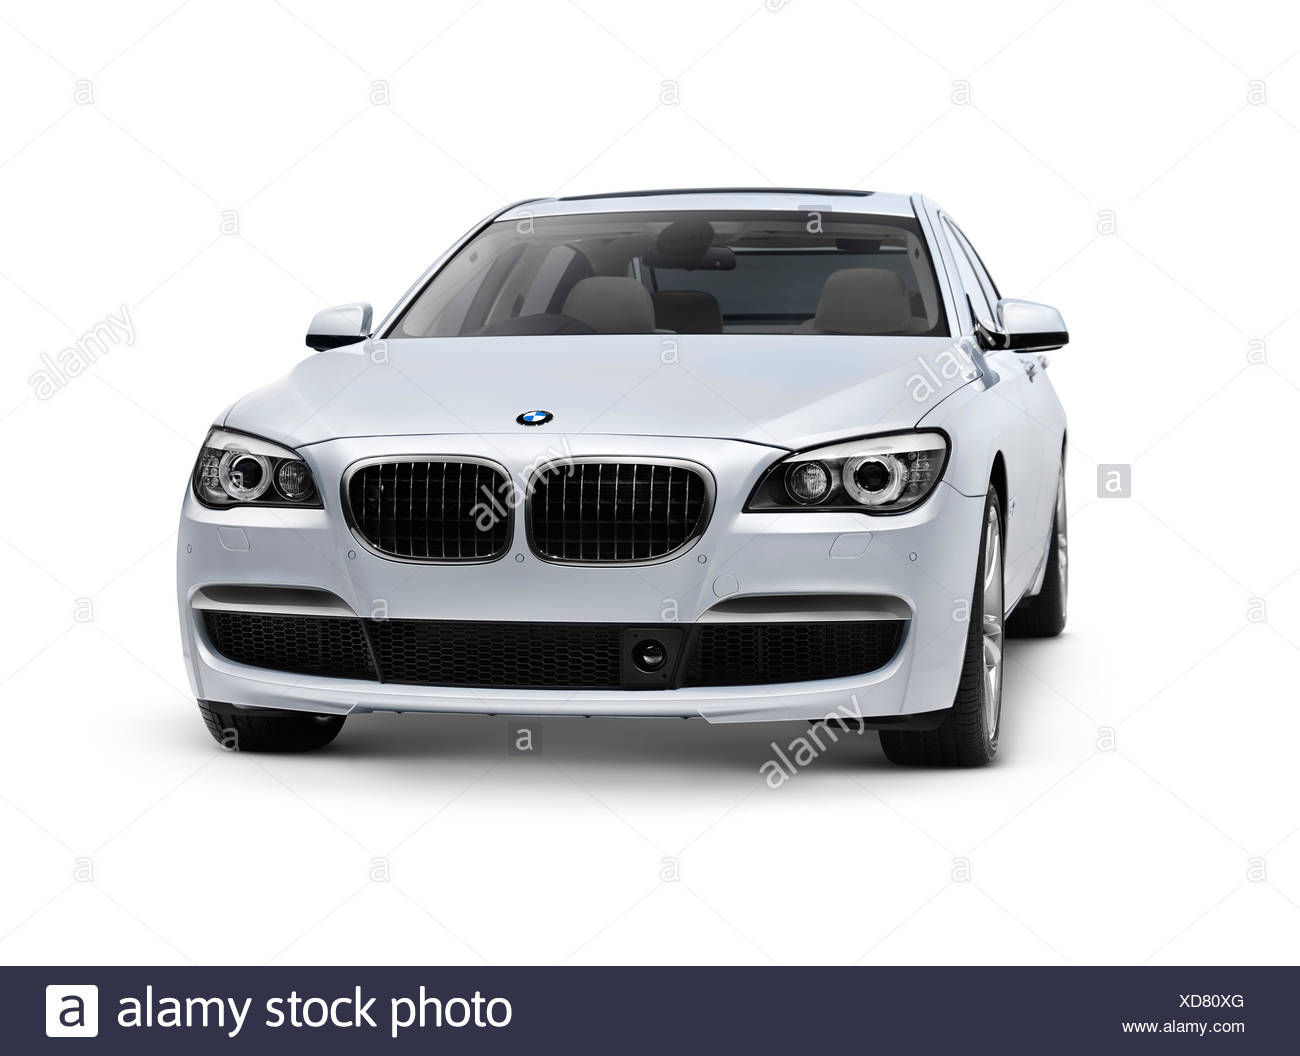 2010 BMW Serie 7 760Li cada coche sedán de lujo Imagen De Stock